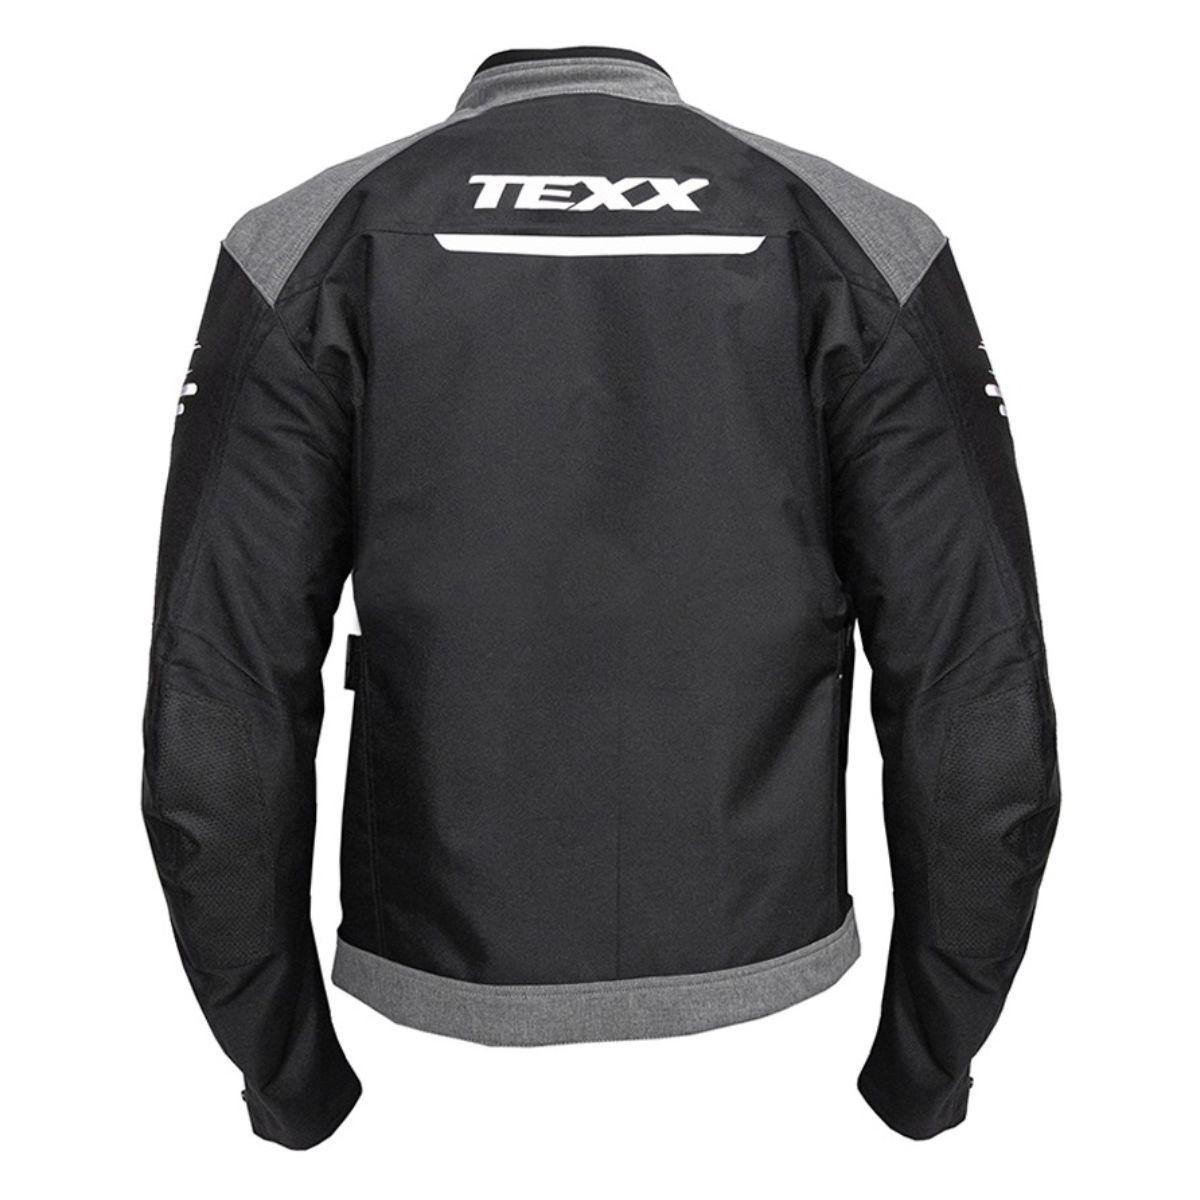 JAQUETA MOTOQUEIRO TEXX DEFENDER ESPORTIVA IMPERMEÁVEL MOTOCICLISTA 3G + BLUSA SEGUNDA PELE UV 50+